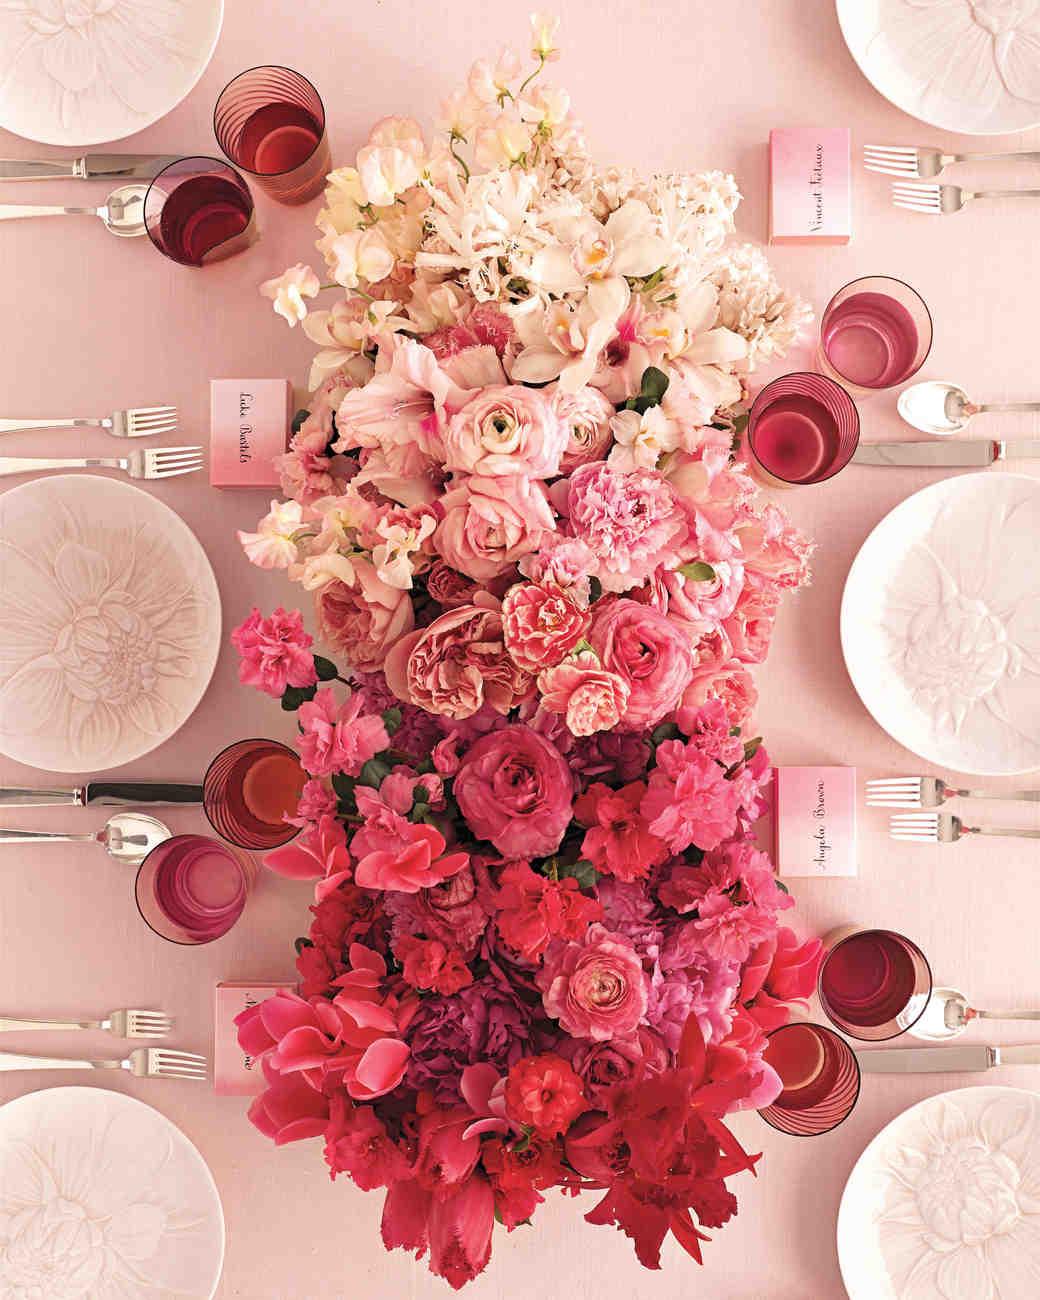 χρώματα του γάμου